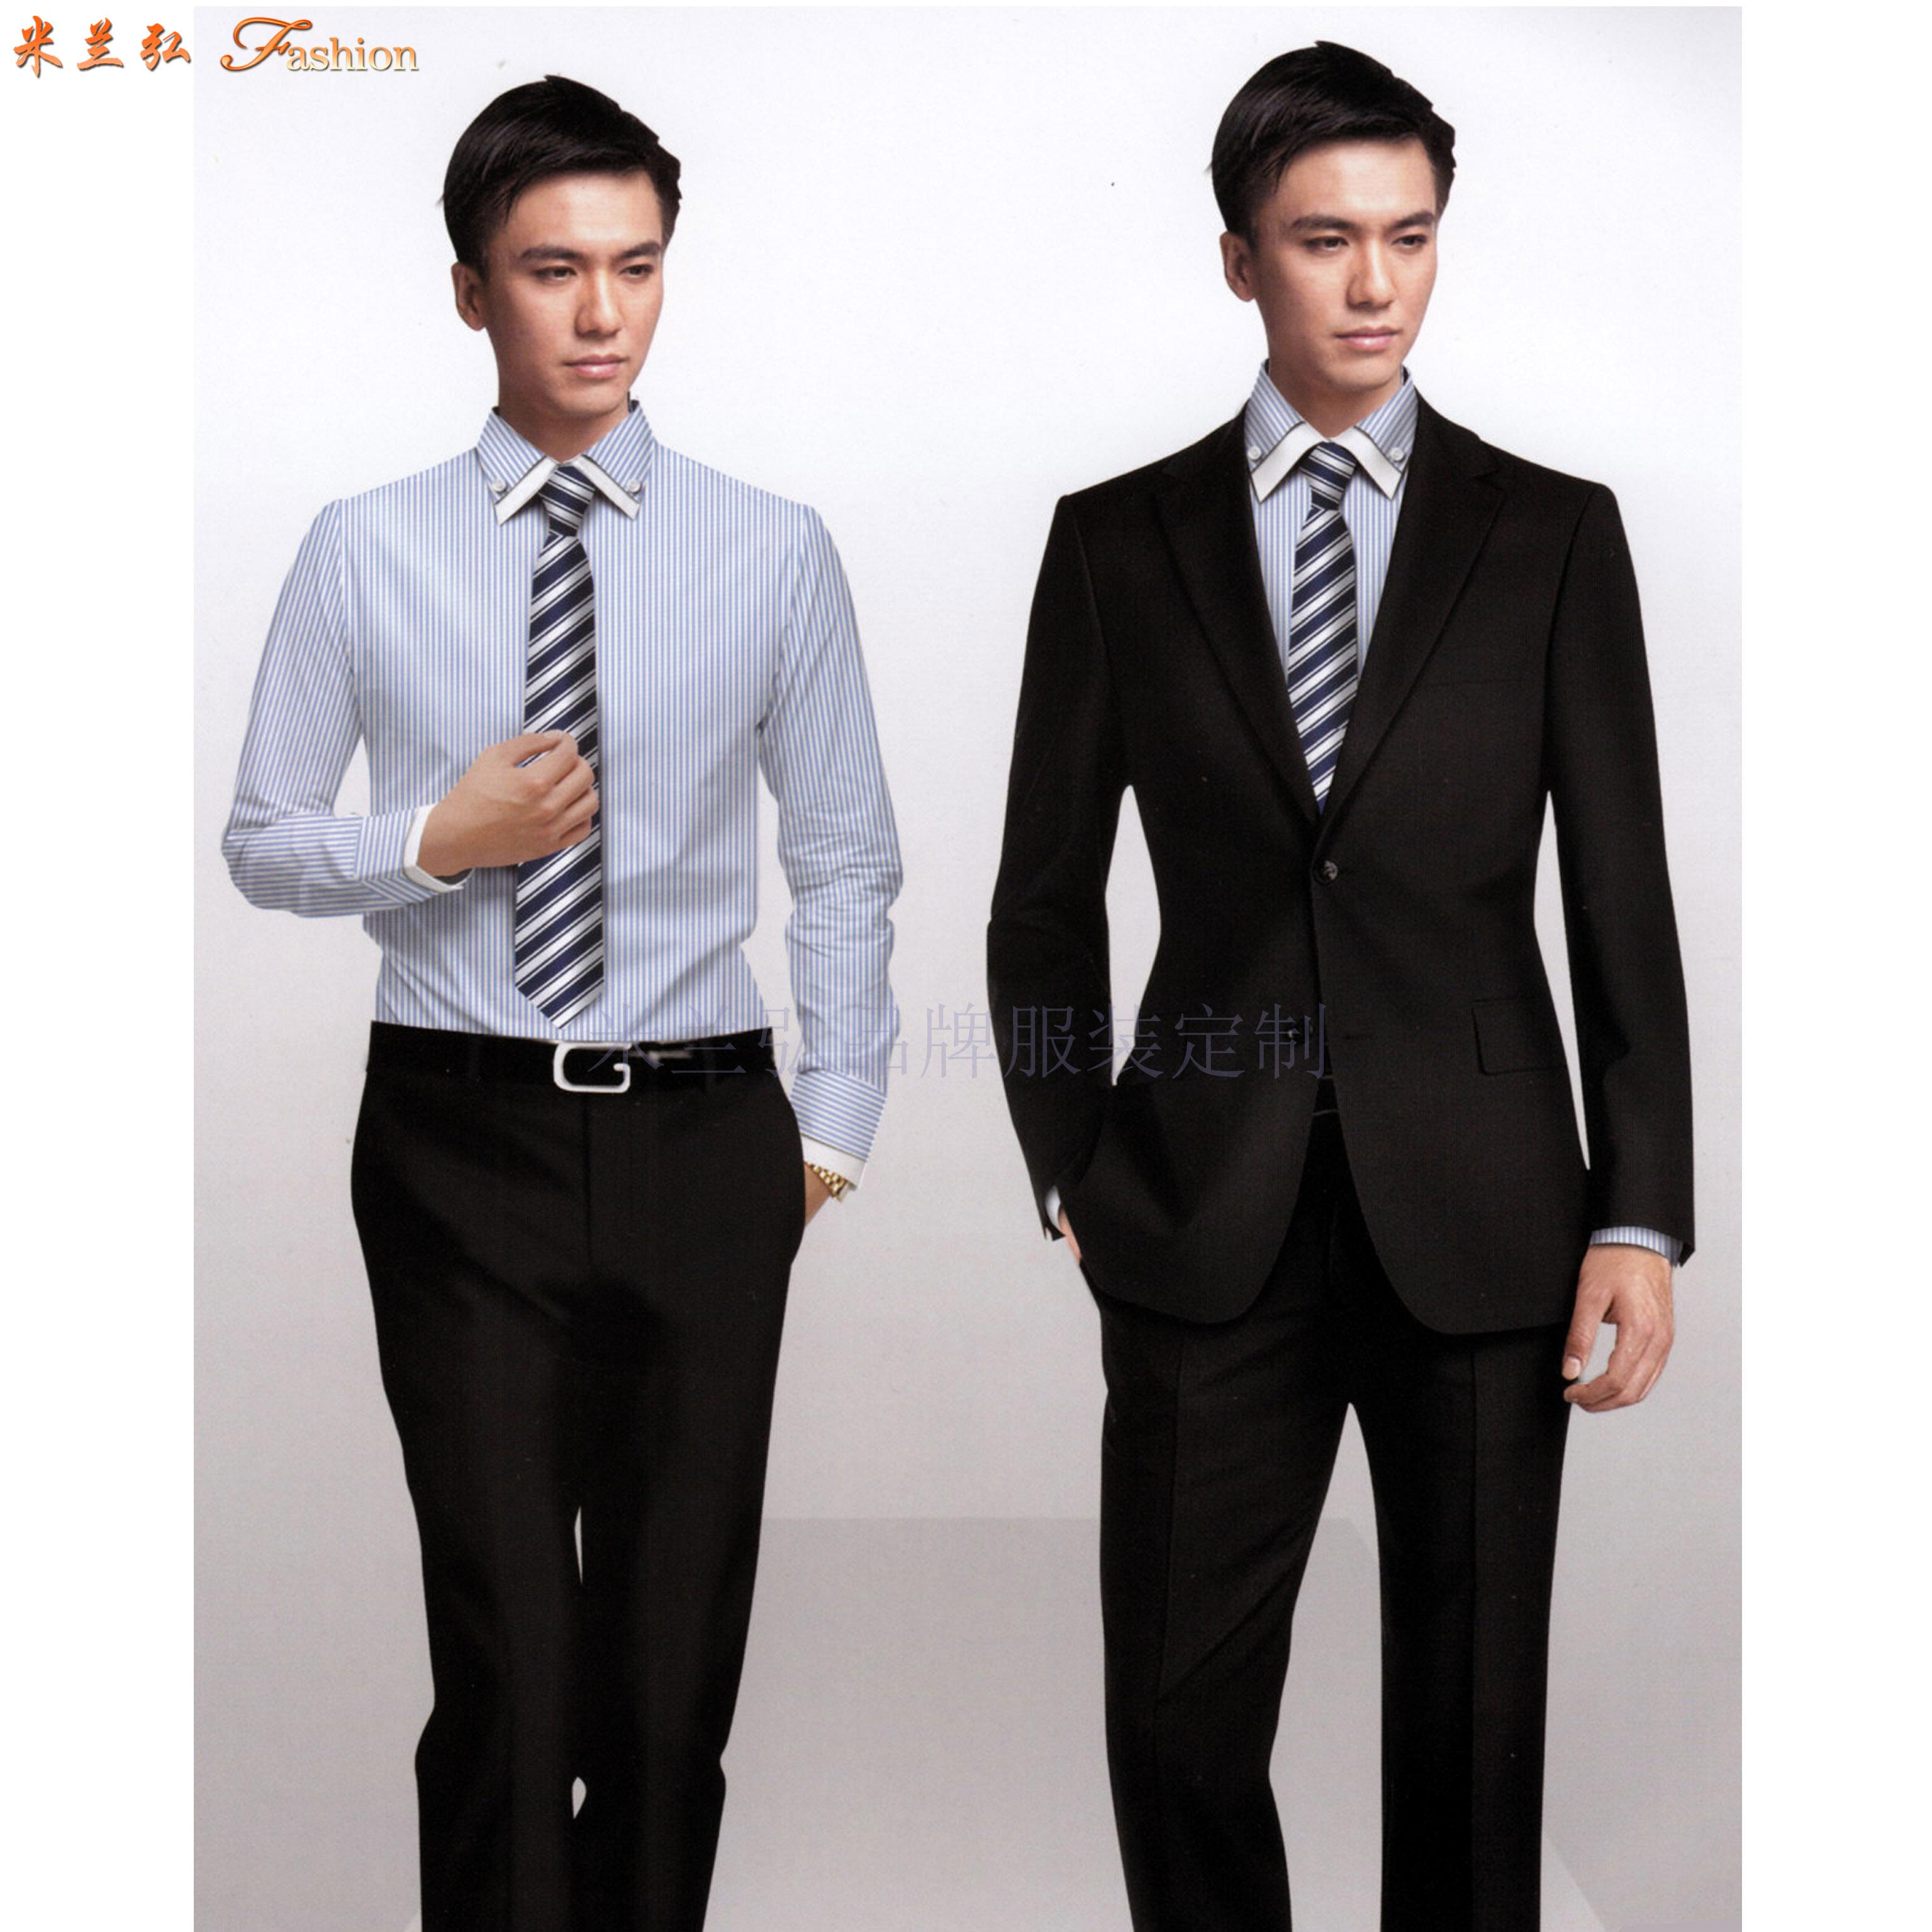 北京定制職業裝-訂做新穎潮流職業裝-米蘭弘服裝-4